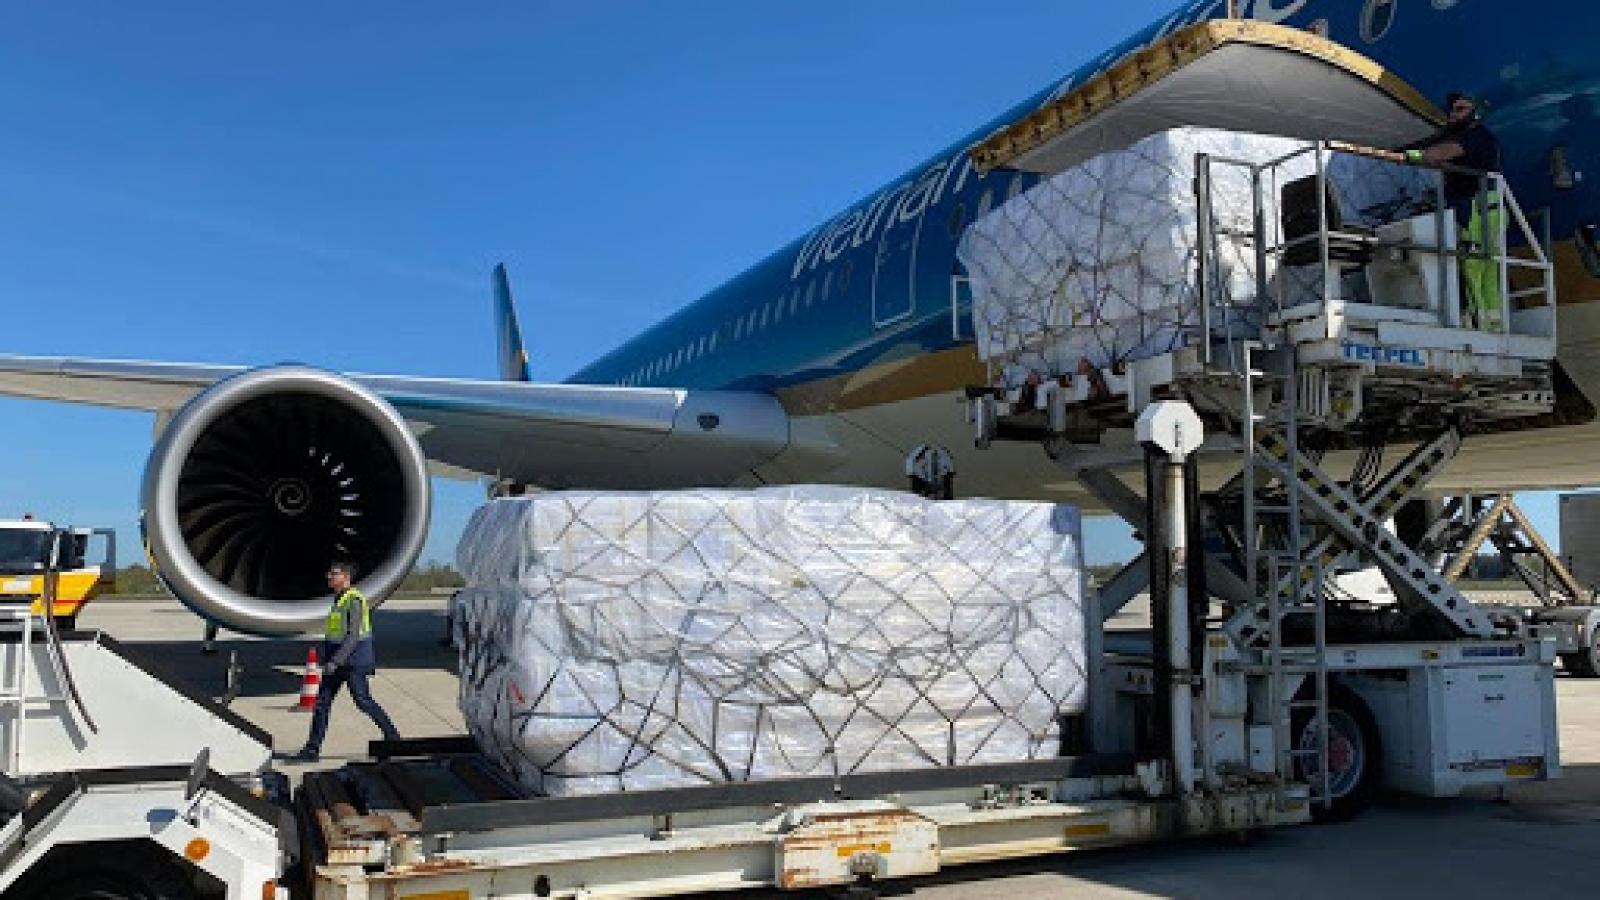 Các chuyến bay vận chuyển vaccine COVID-19 sẽ được quyền ưu tiên hạ cánh